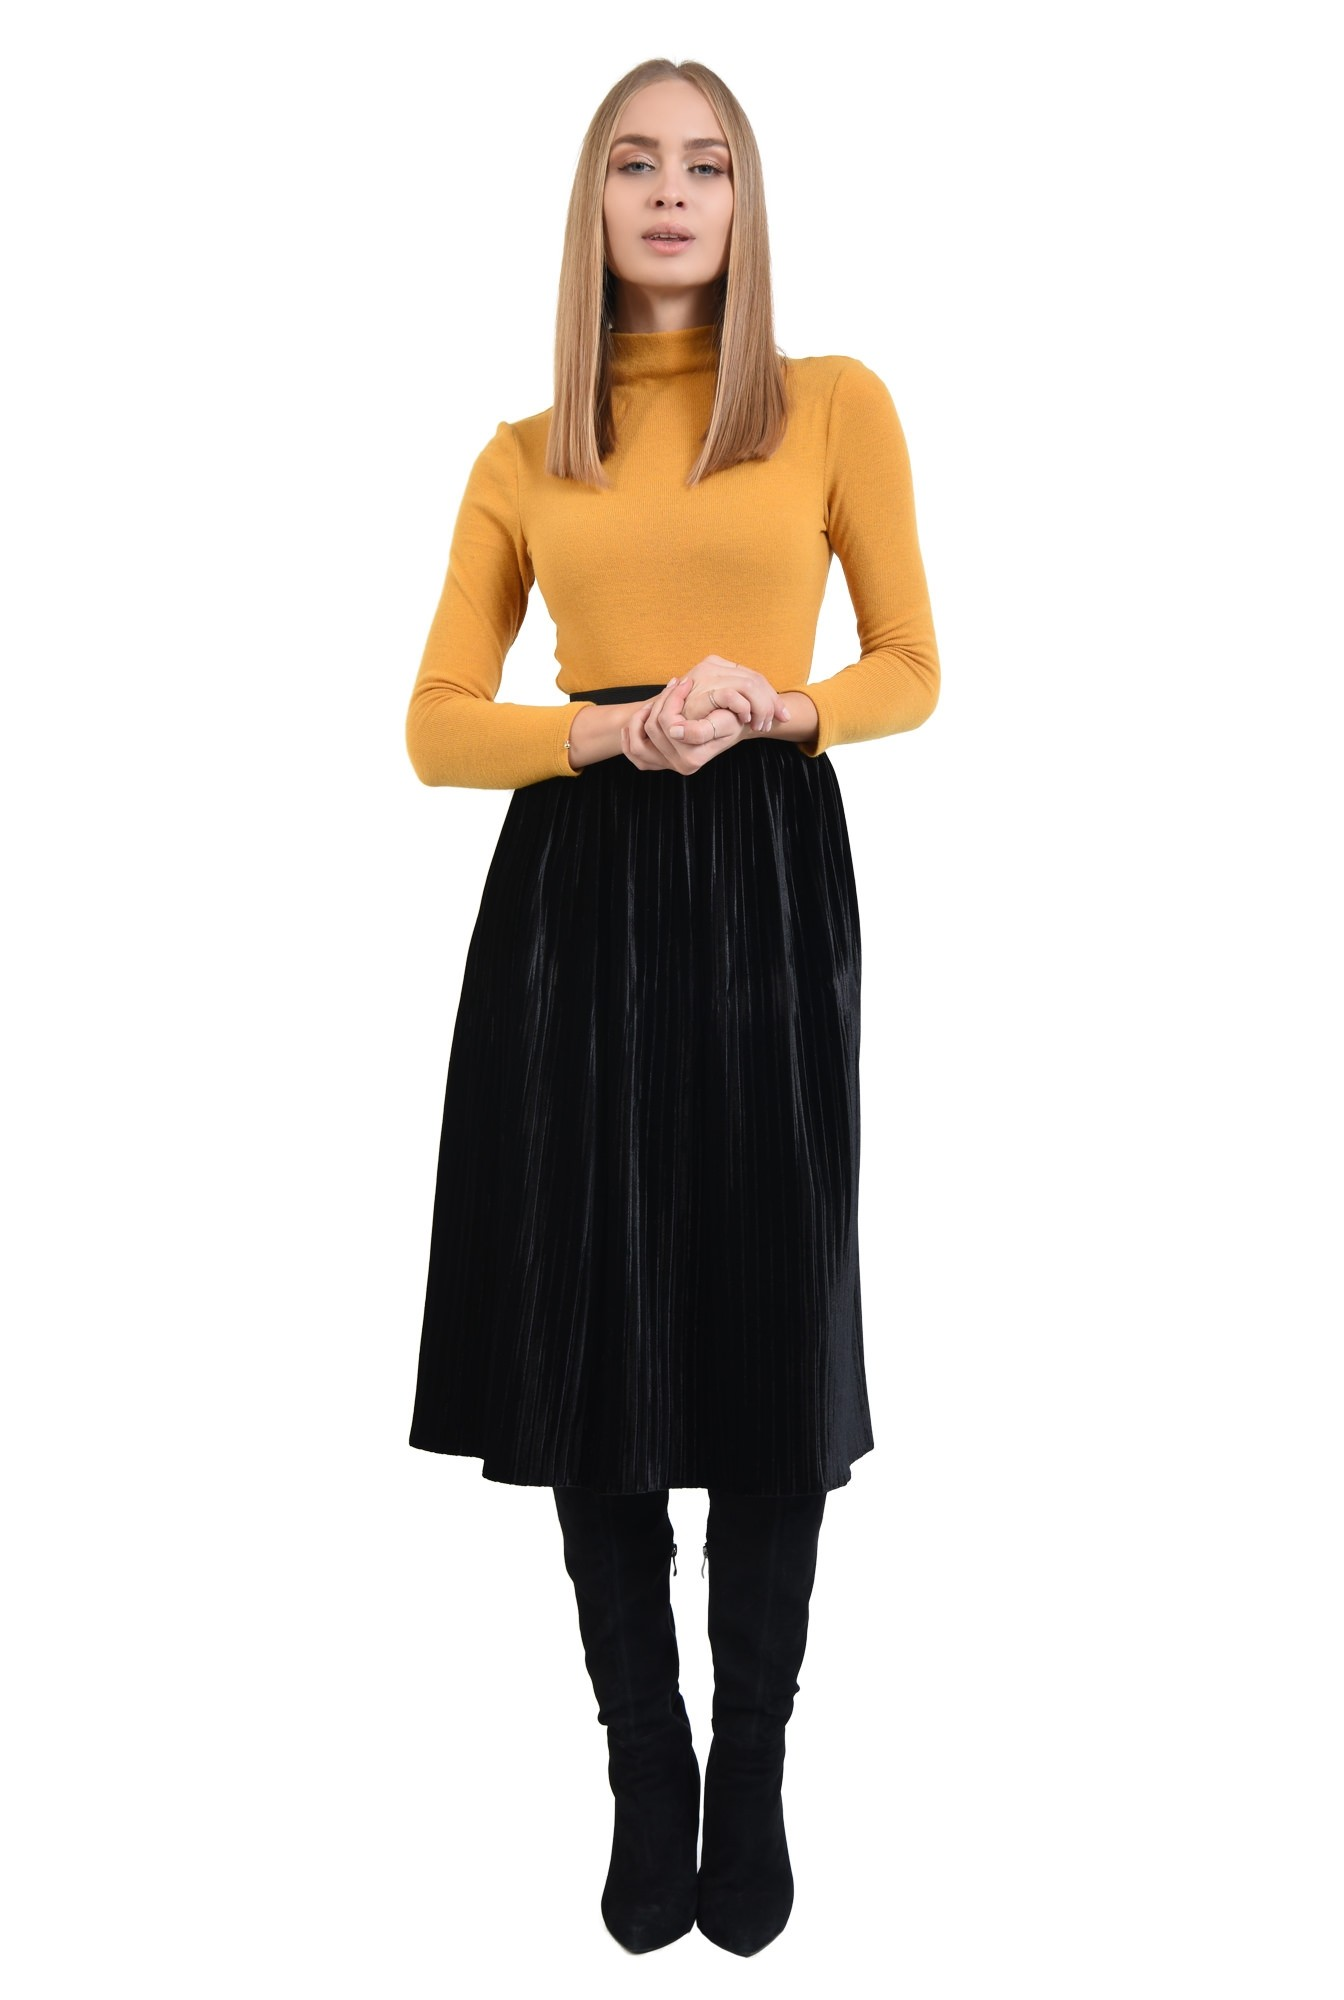 360 - fusta de ocazie, catifea neagra, croi evazat, cu pliseuri